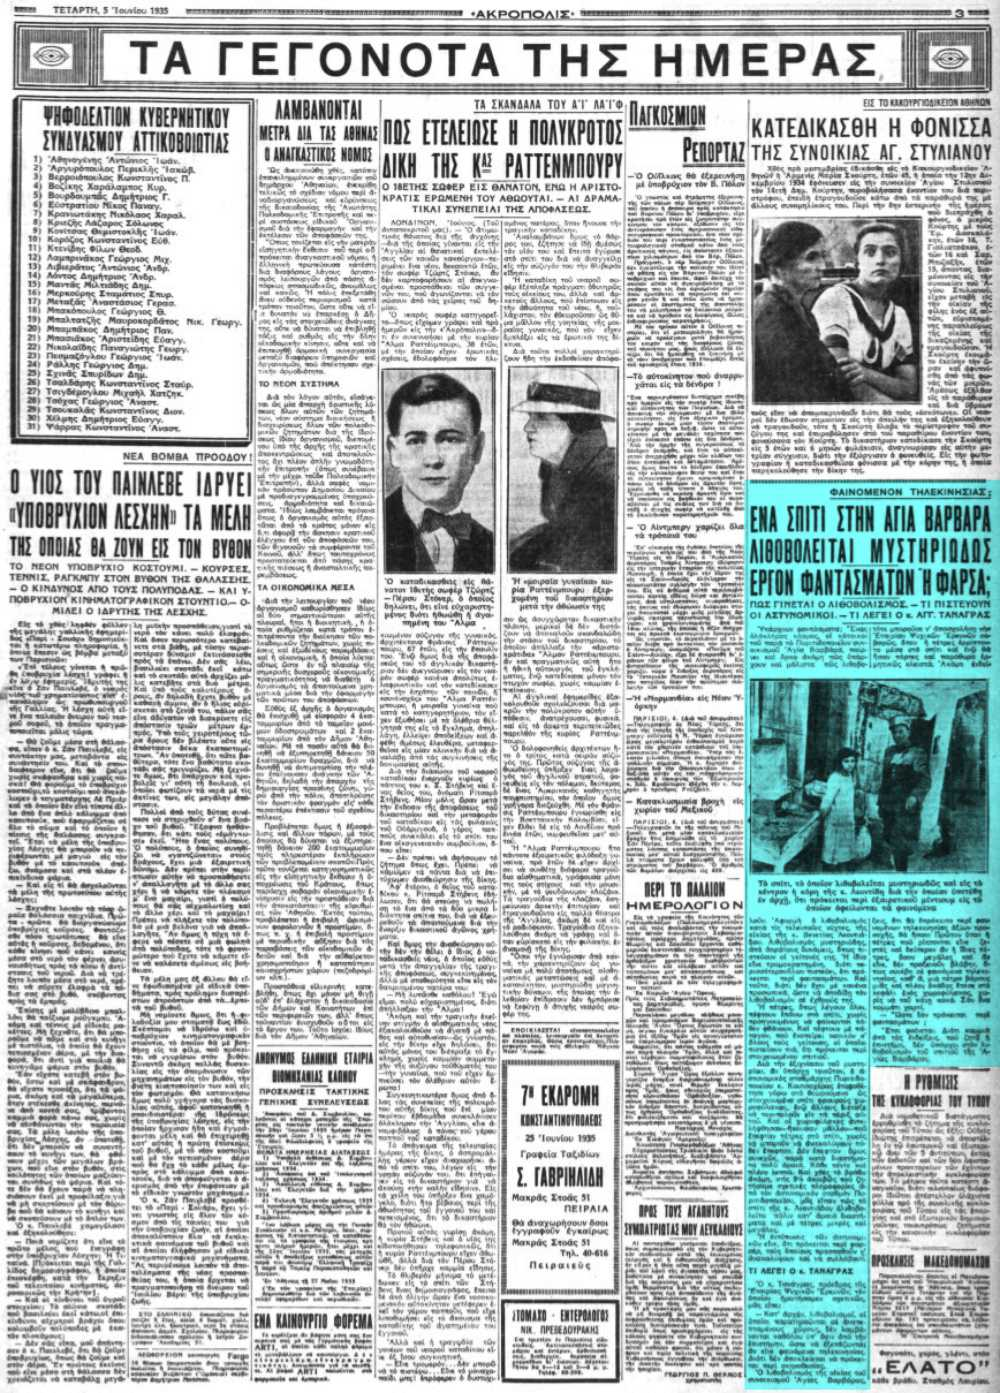 """Το άρθρο, όπως δημοσιεύθηκε στην εφημερίδα """"ΑΚΡΟΠΟΛΙΣ"""", στις 05/06/1935"""